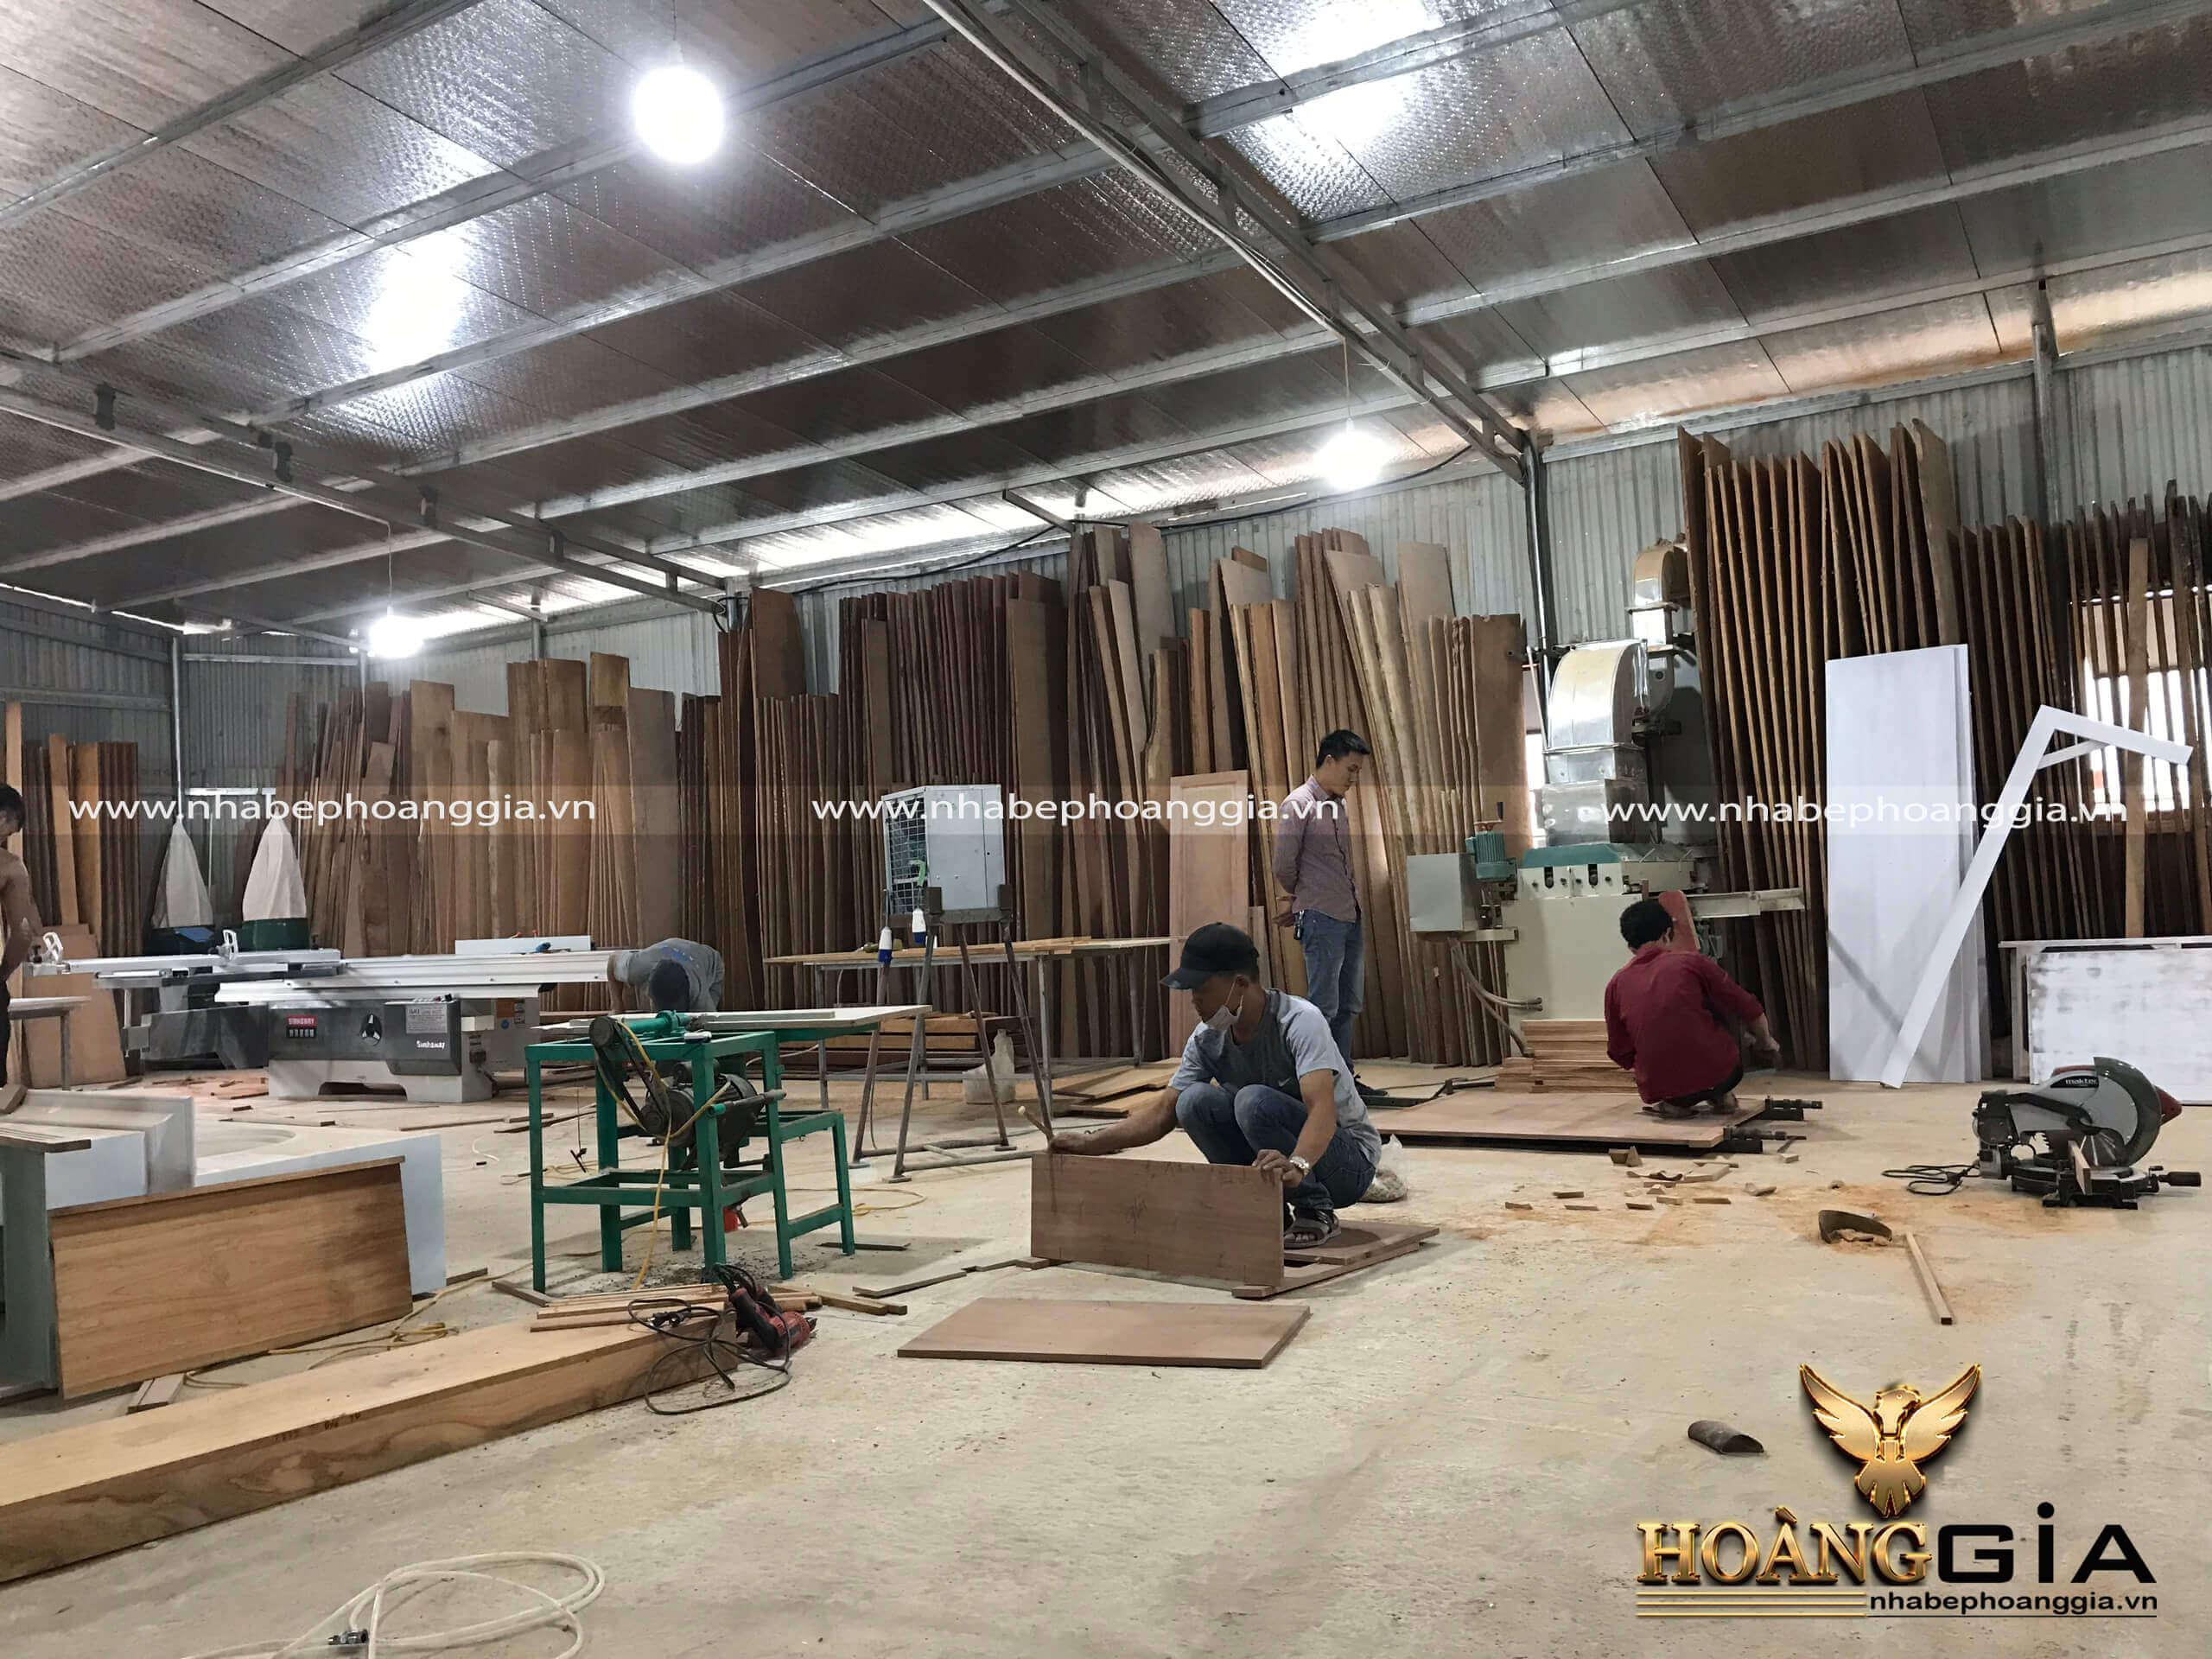 thiết kế thi công tủ bếp tại Thanh Hóa